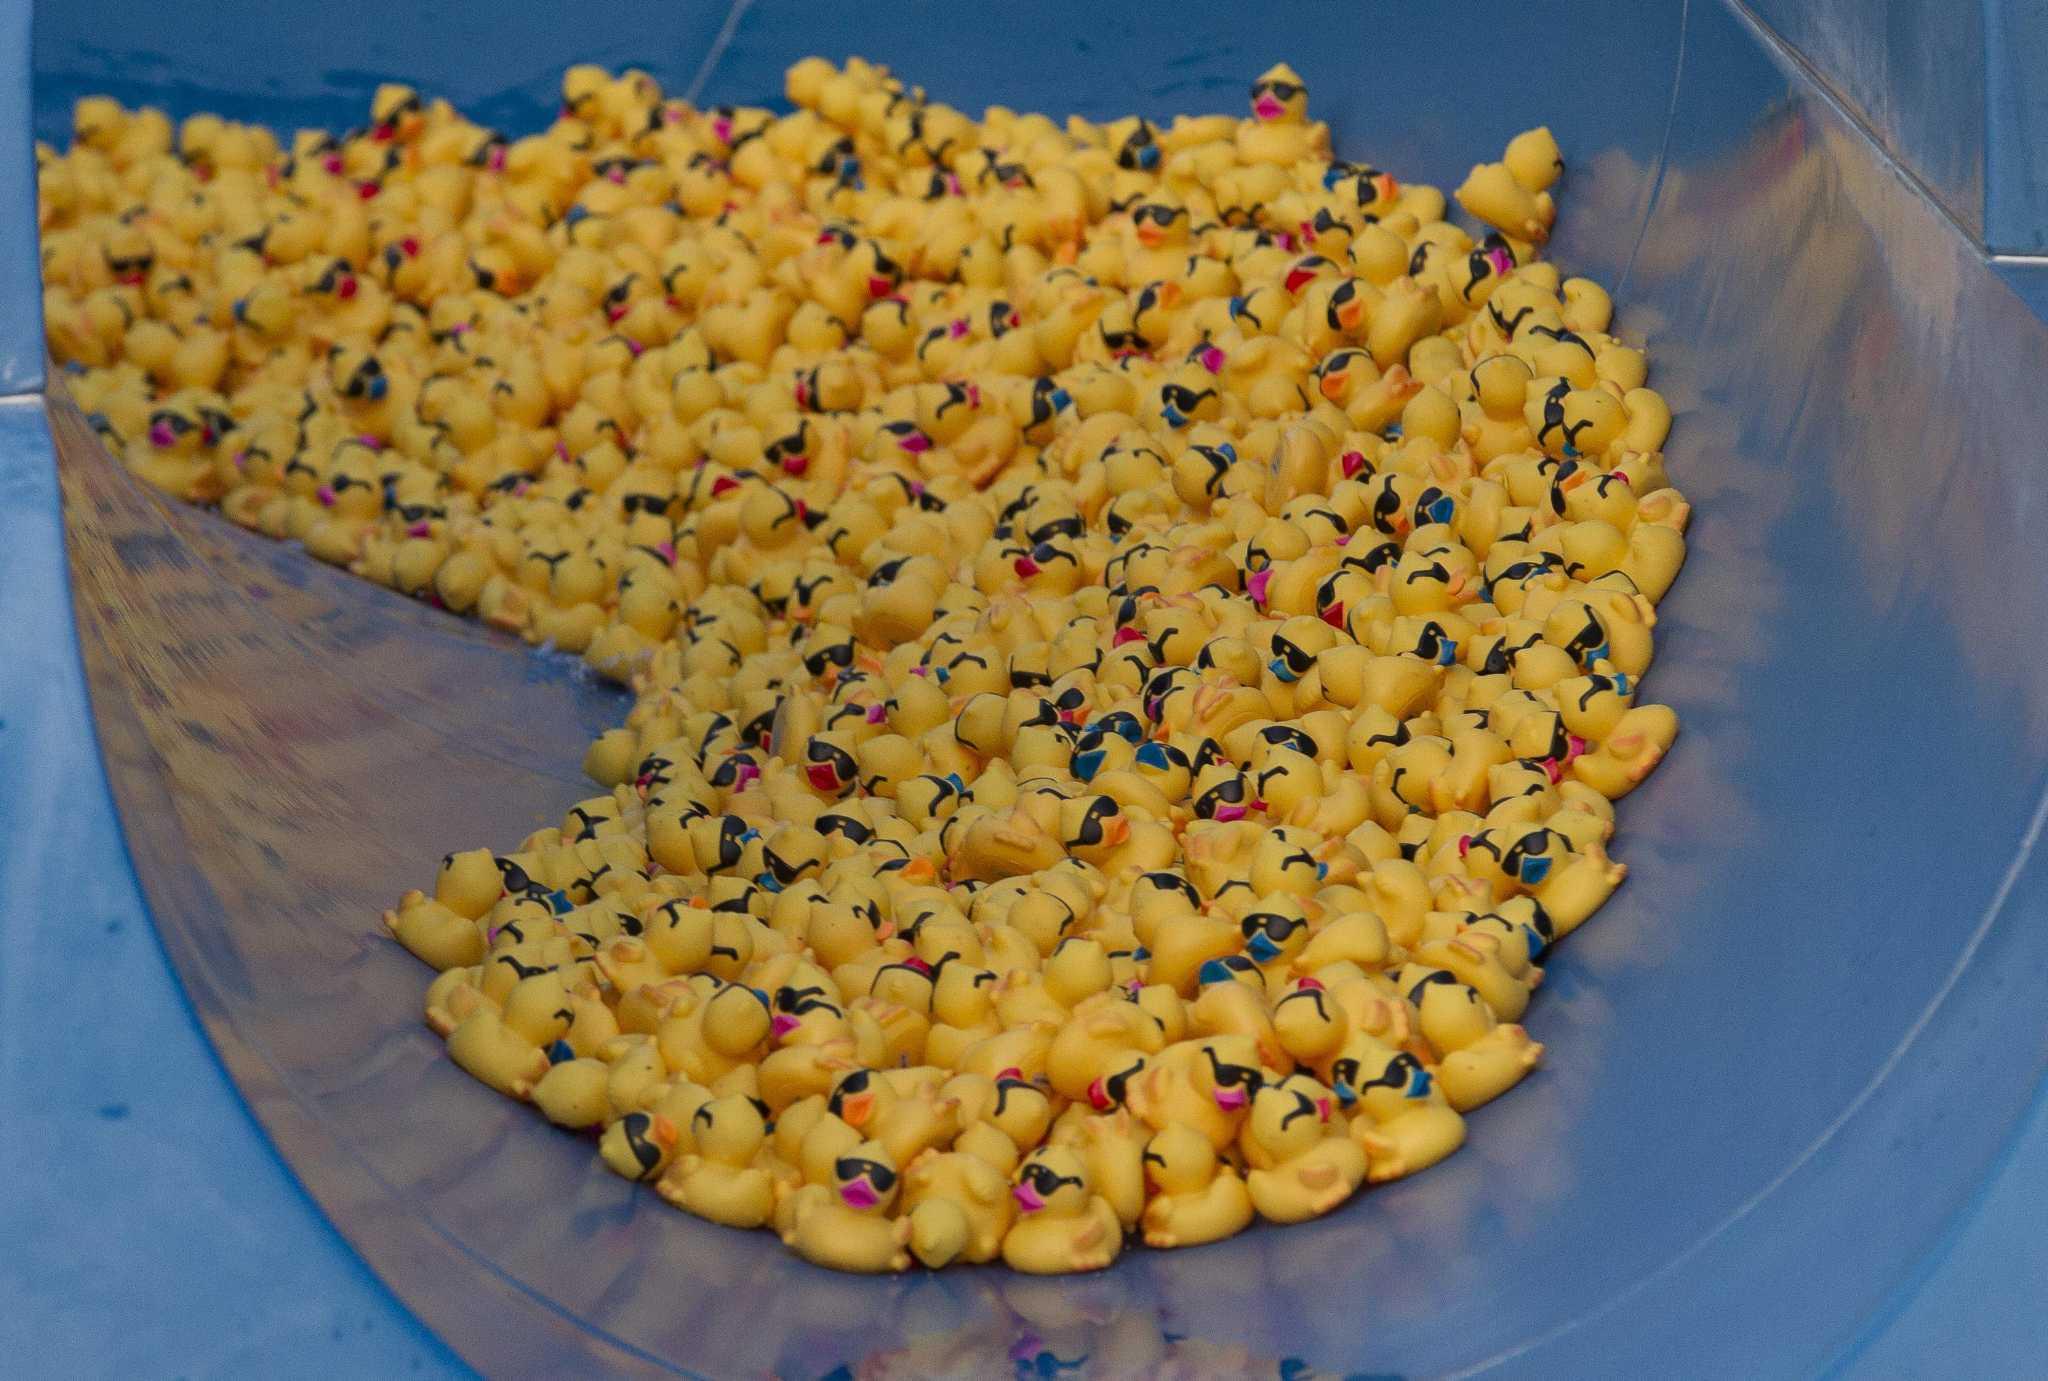 Little rubber ducks raise big money for Crisis Assistance Center ...